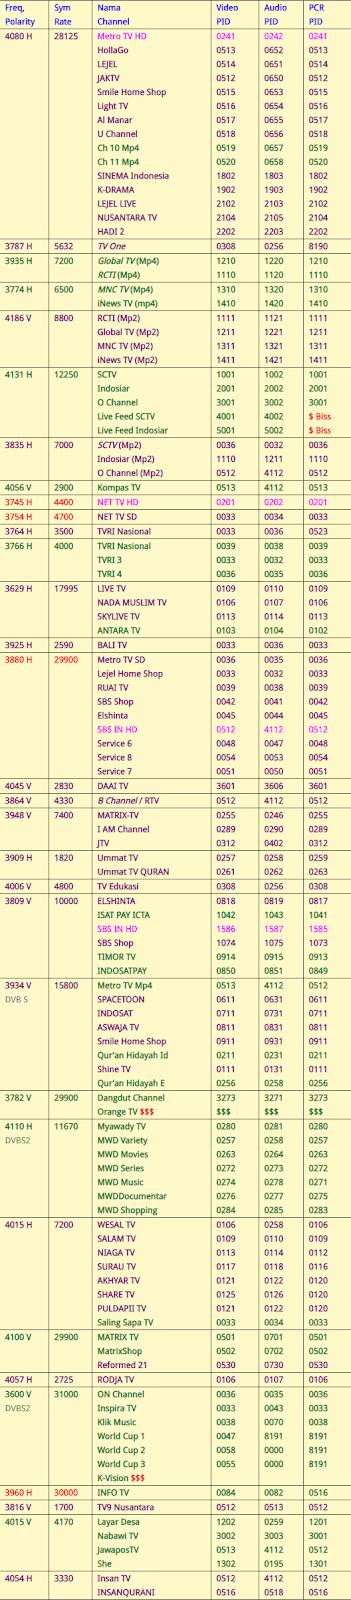 Frekuensi Satelit Palapa D Terbaru November 2018 Semua Channel